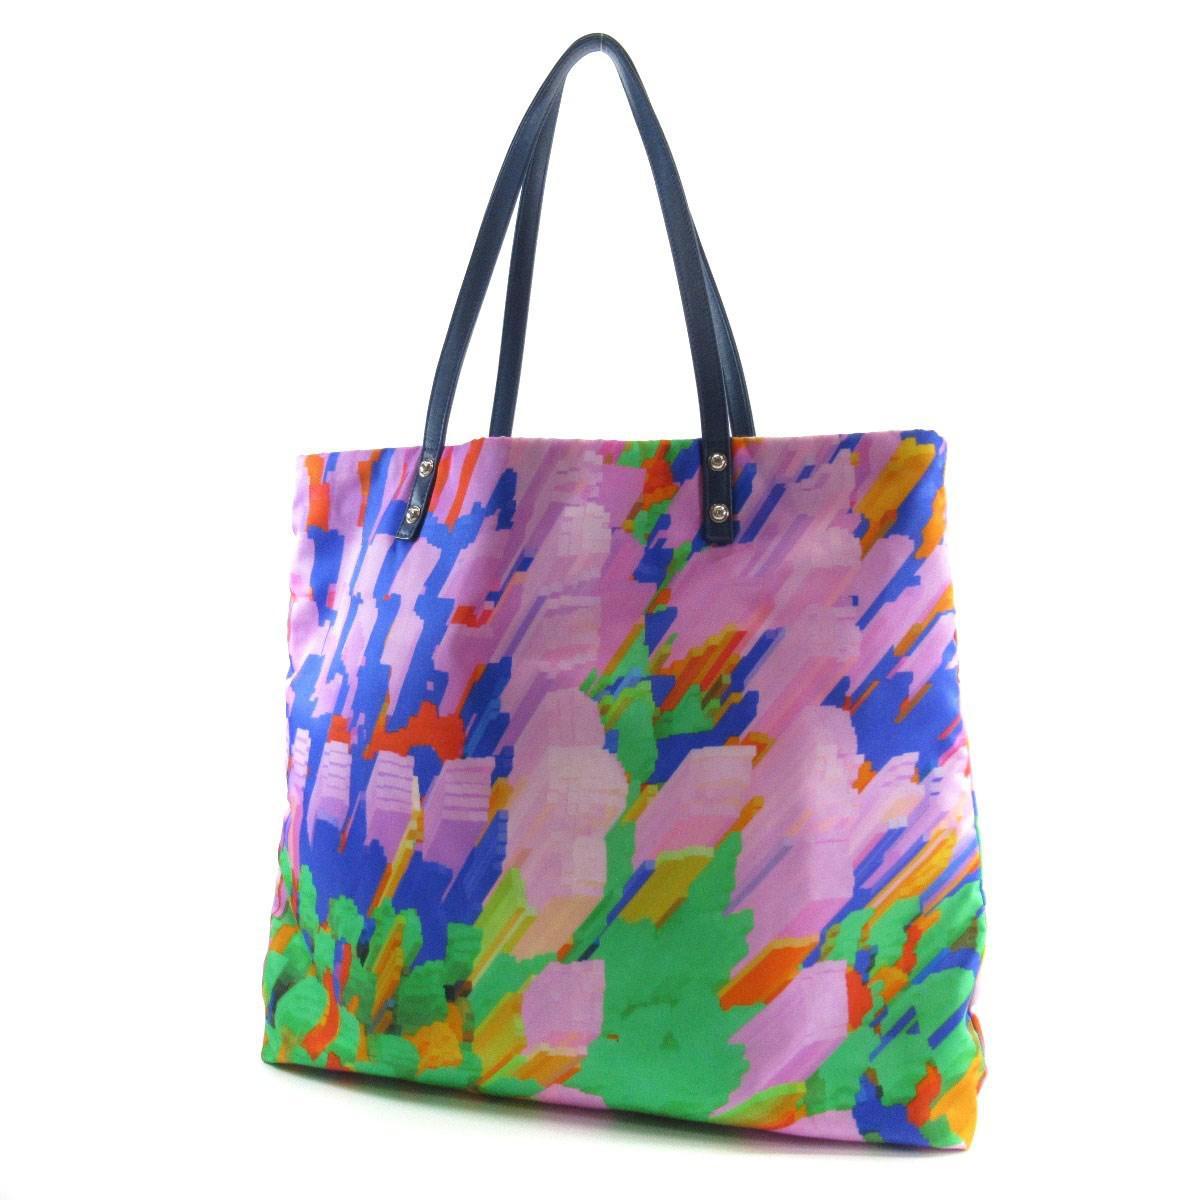 7a6eedea9b2 Lyst - Chanel Nylon Tote Bag Coco Mark